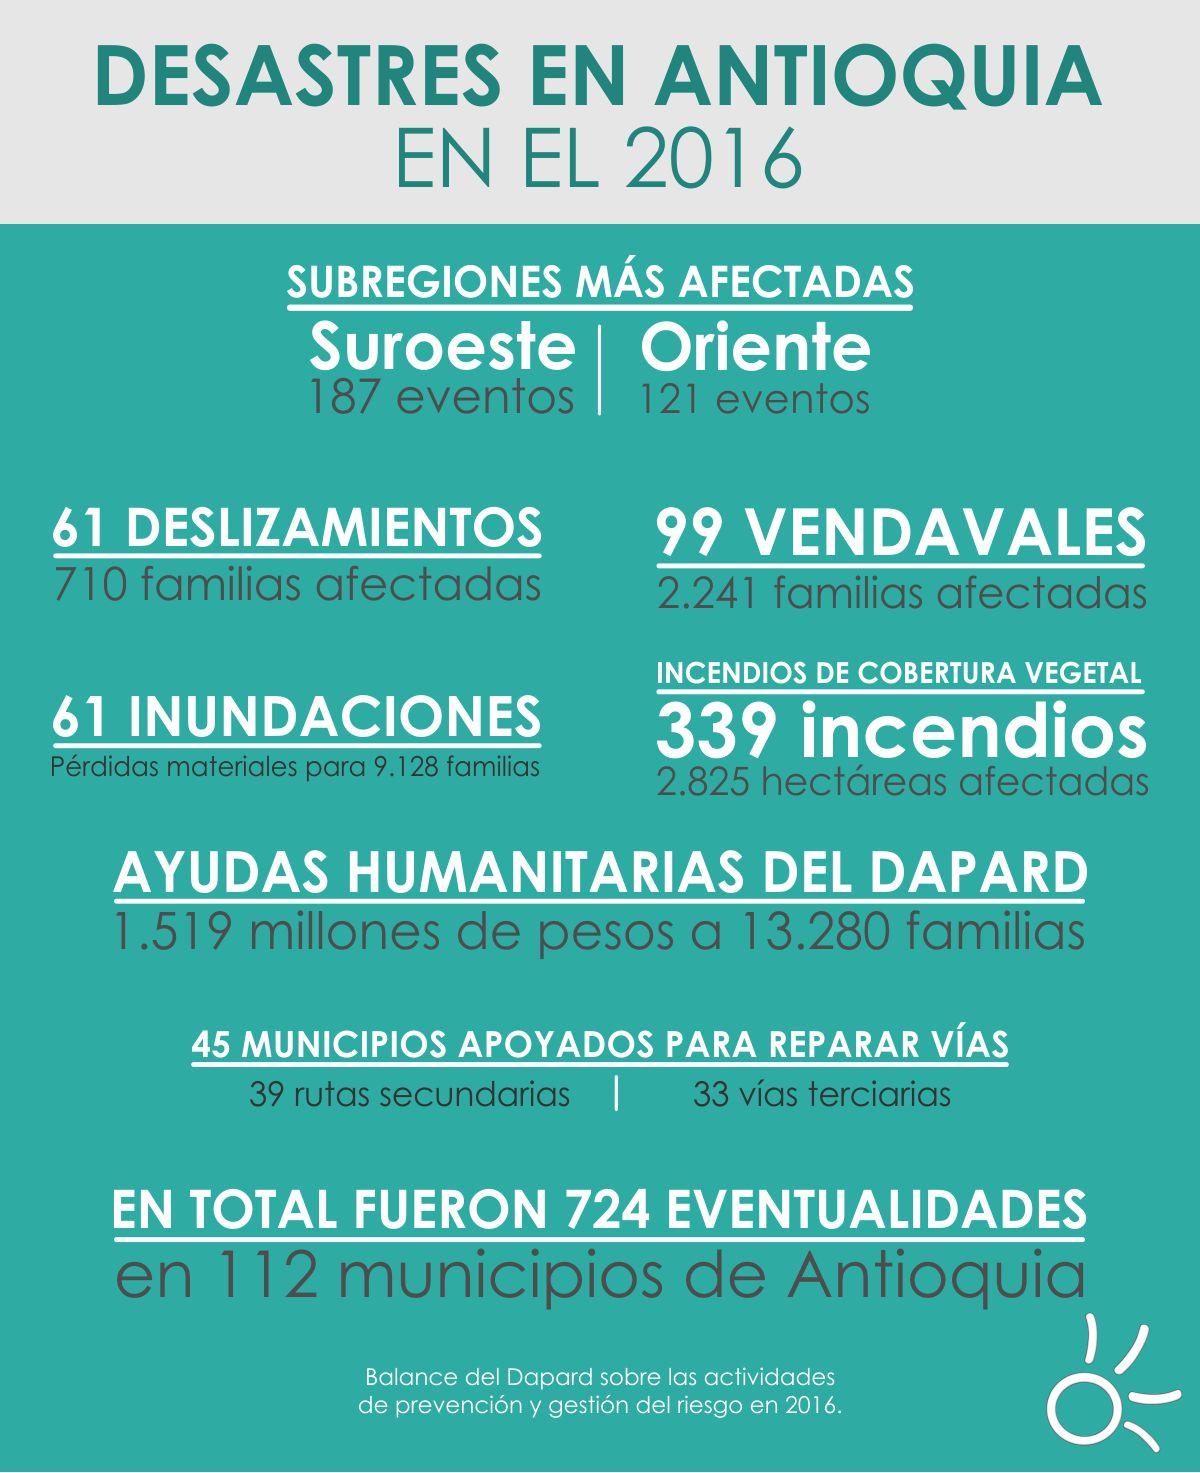 infografia-de-desastres-en-antioquia